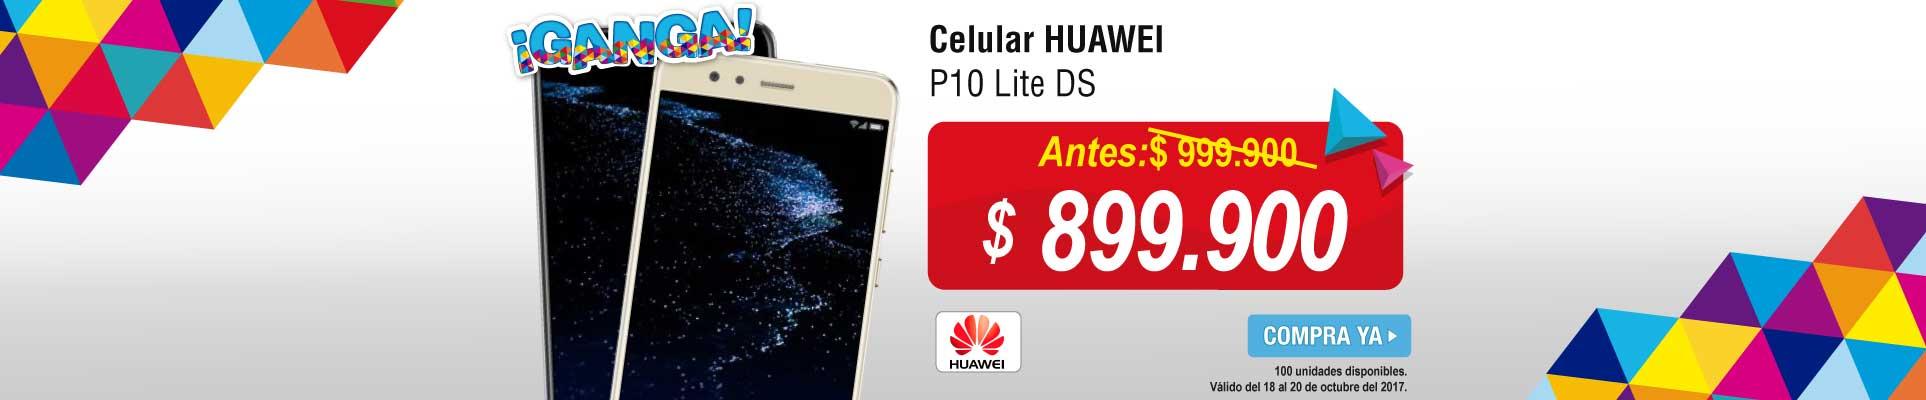 PPAL ALKP-4-celulares-Celular HUAWEI P10 Lite DS -prod-octubre18-20